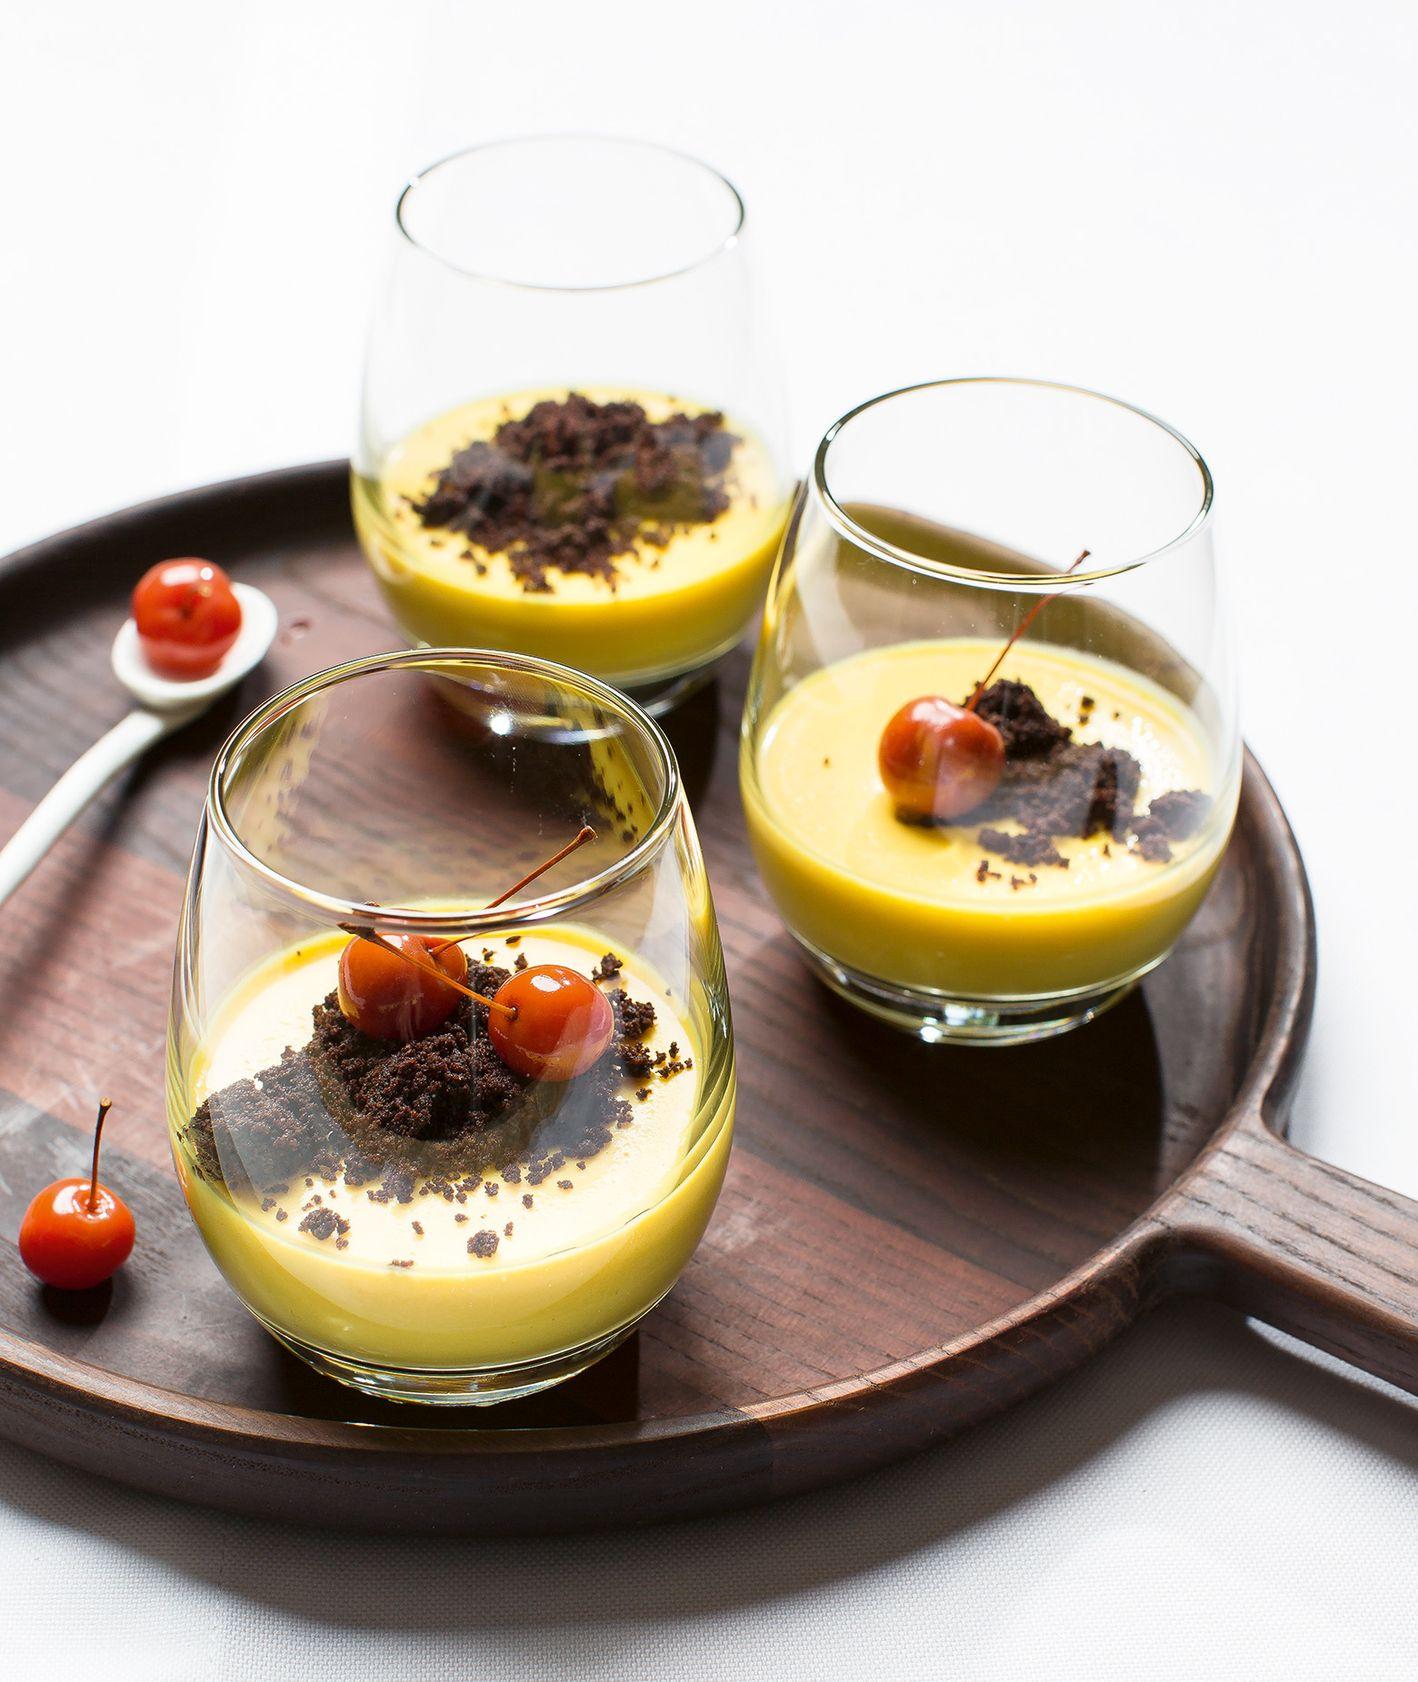 Przepis na panna cottę z dynią, wiśniami i gorzką czekoladą (fot. dinnershow.studio)